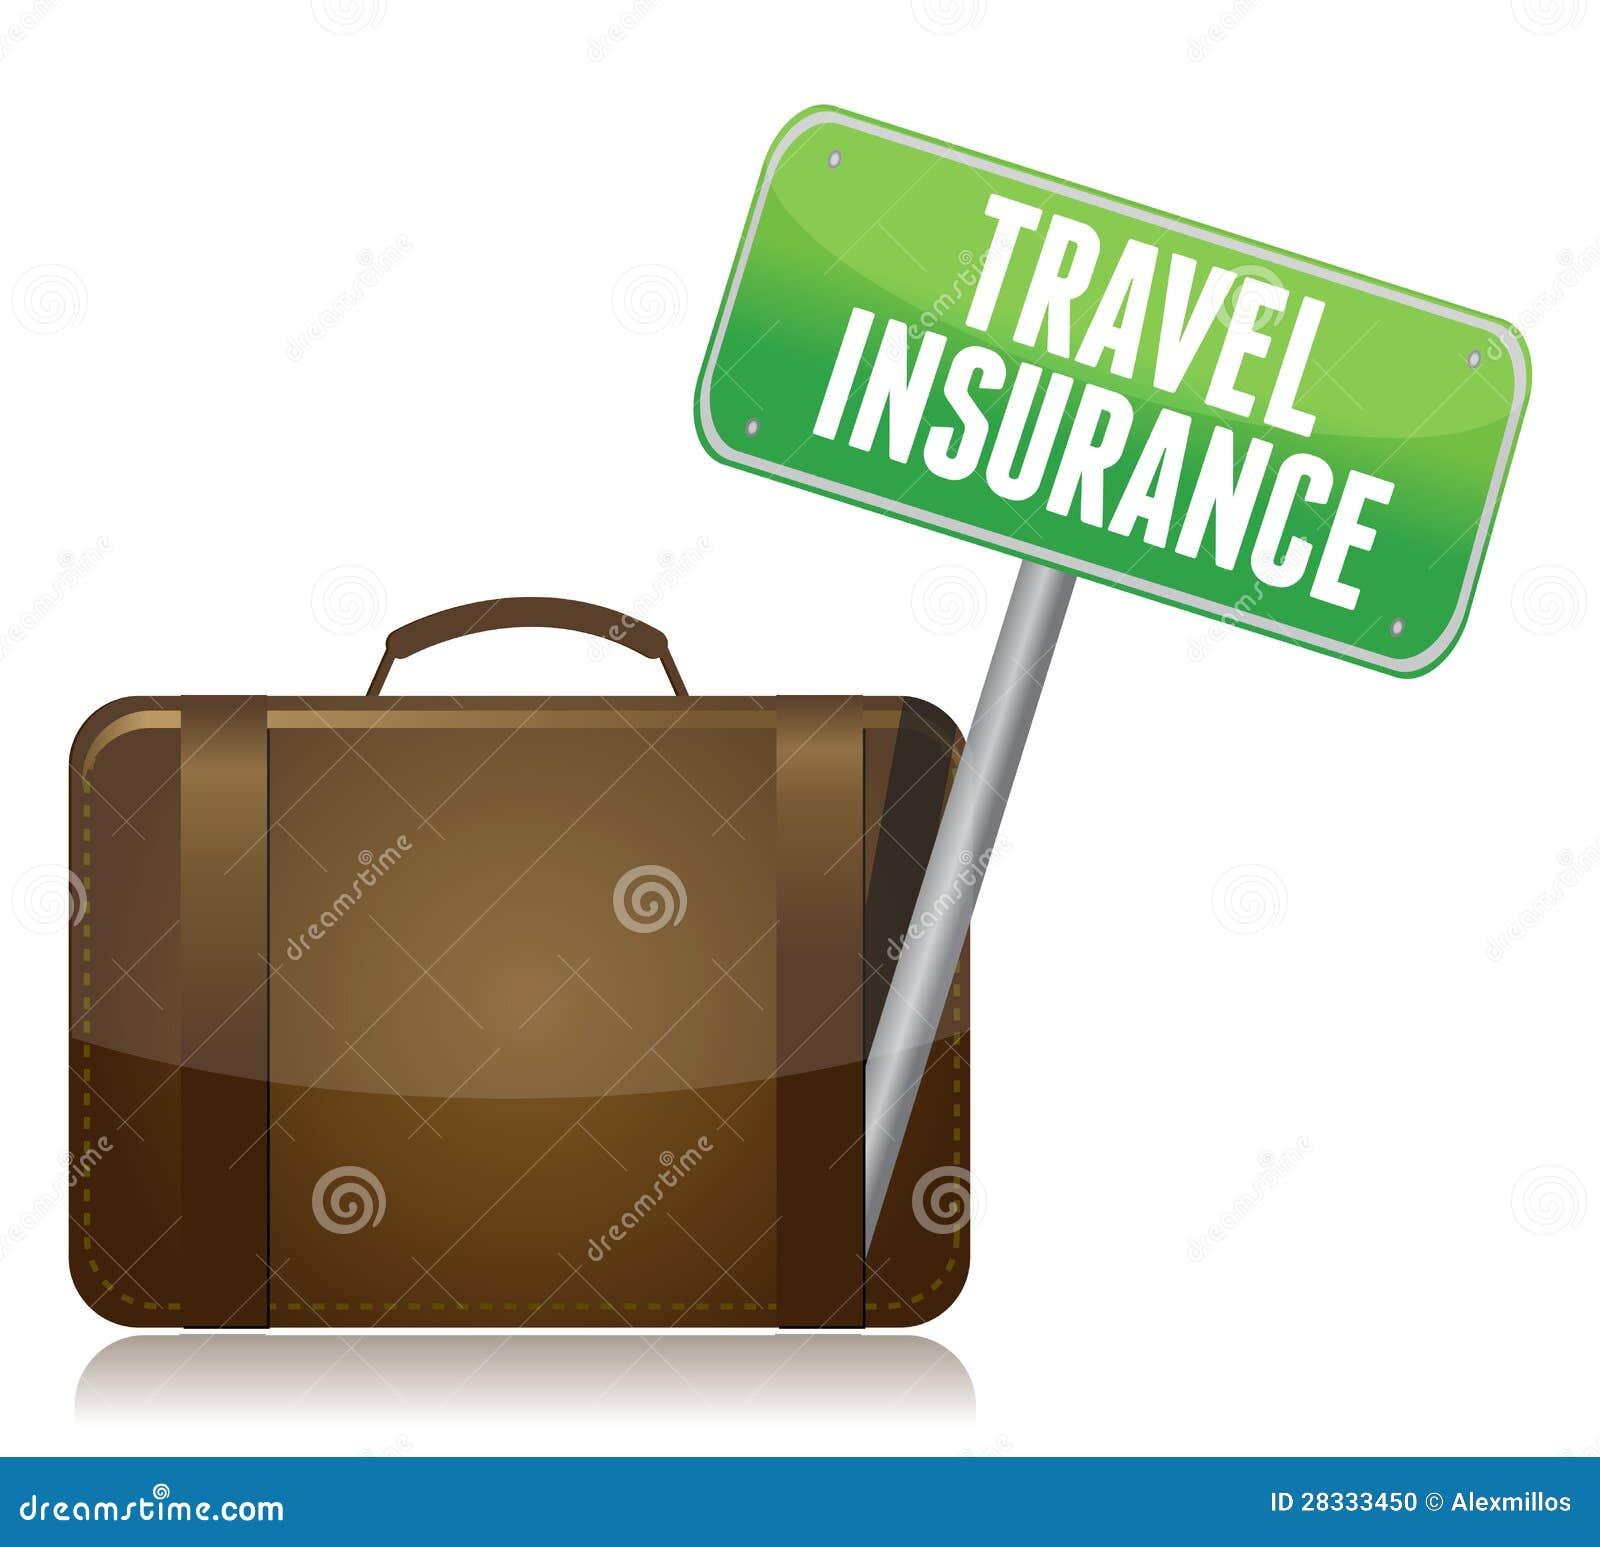 Travel Insured Insurance